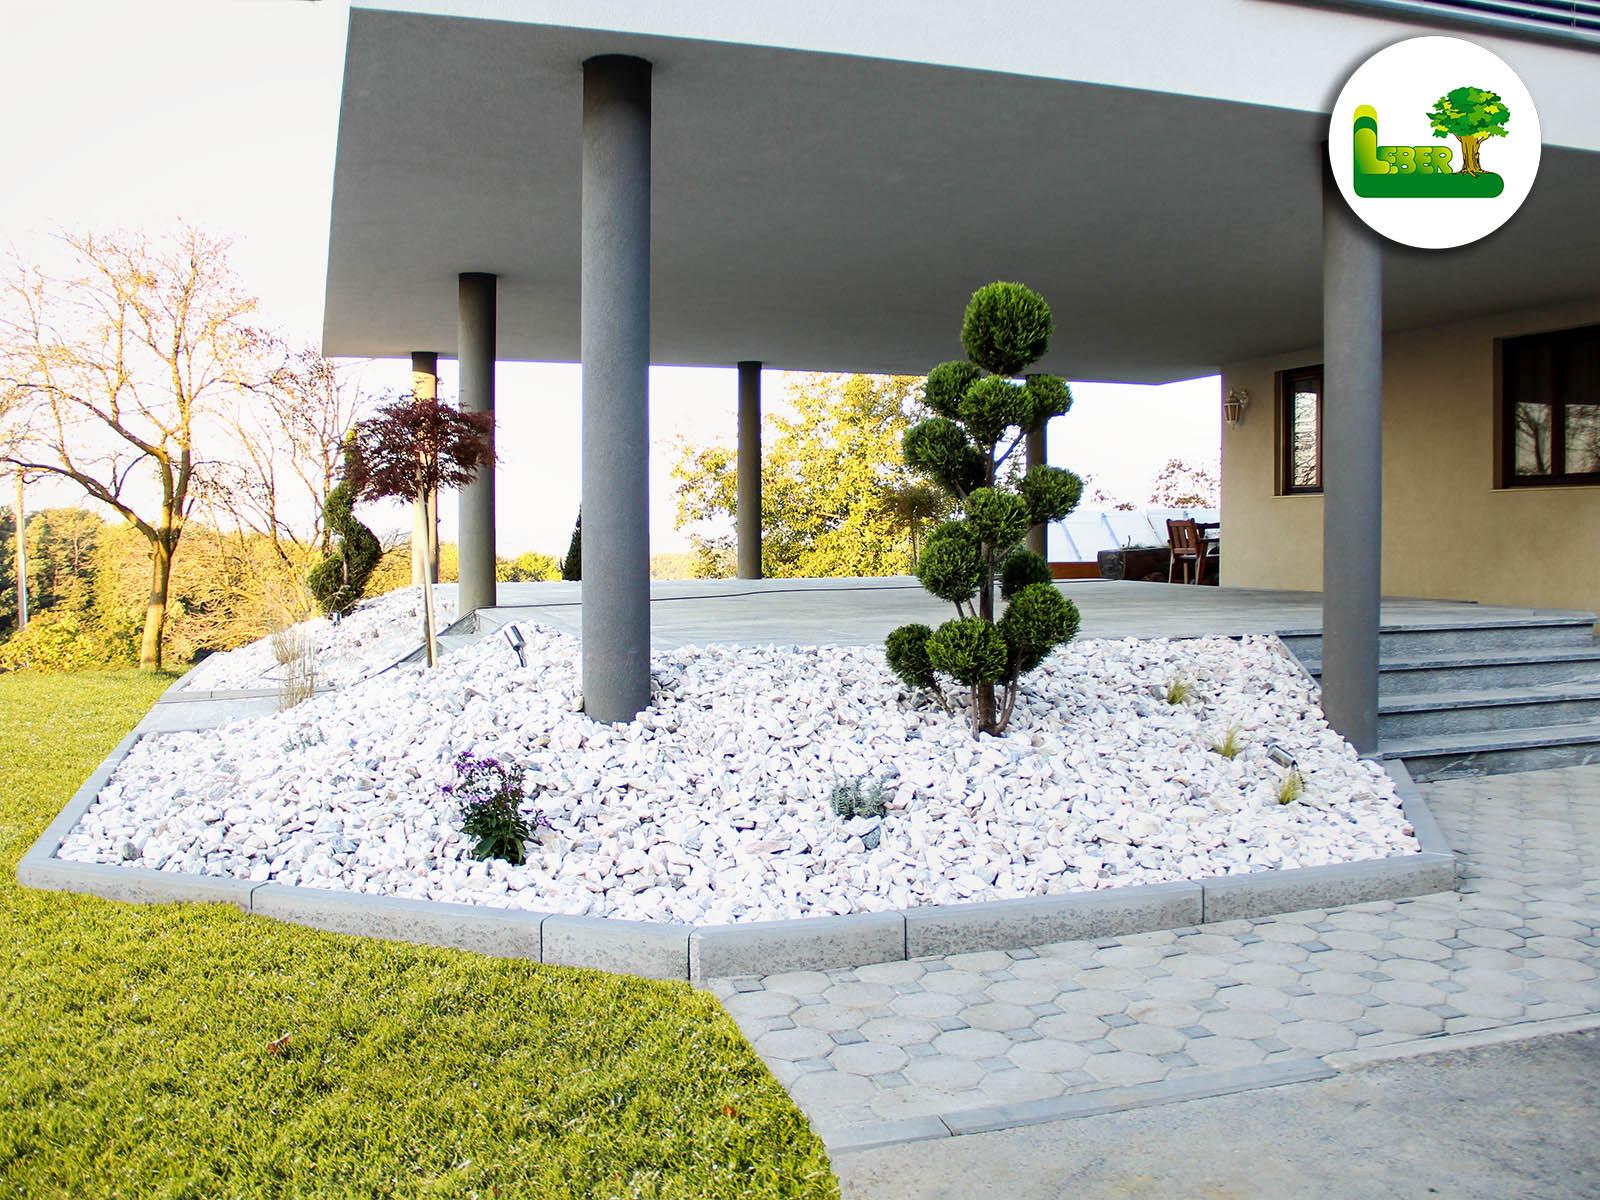 terrasse mit biasca gneis steingarten mit zierkies garten leber. Black Bedroom Furniture Sets. Home Design Ideas